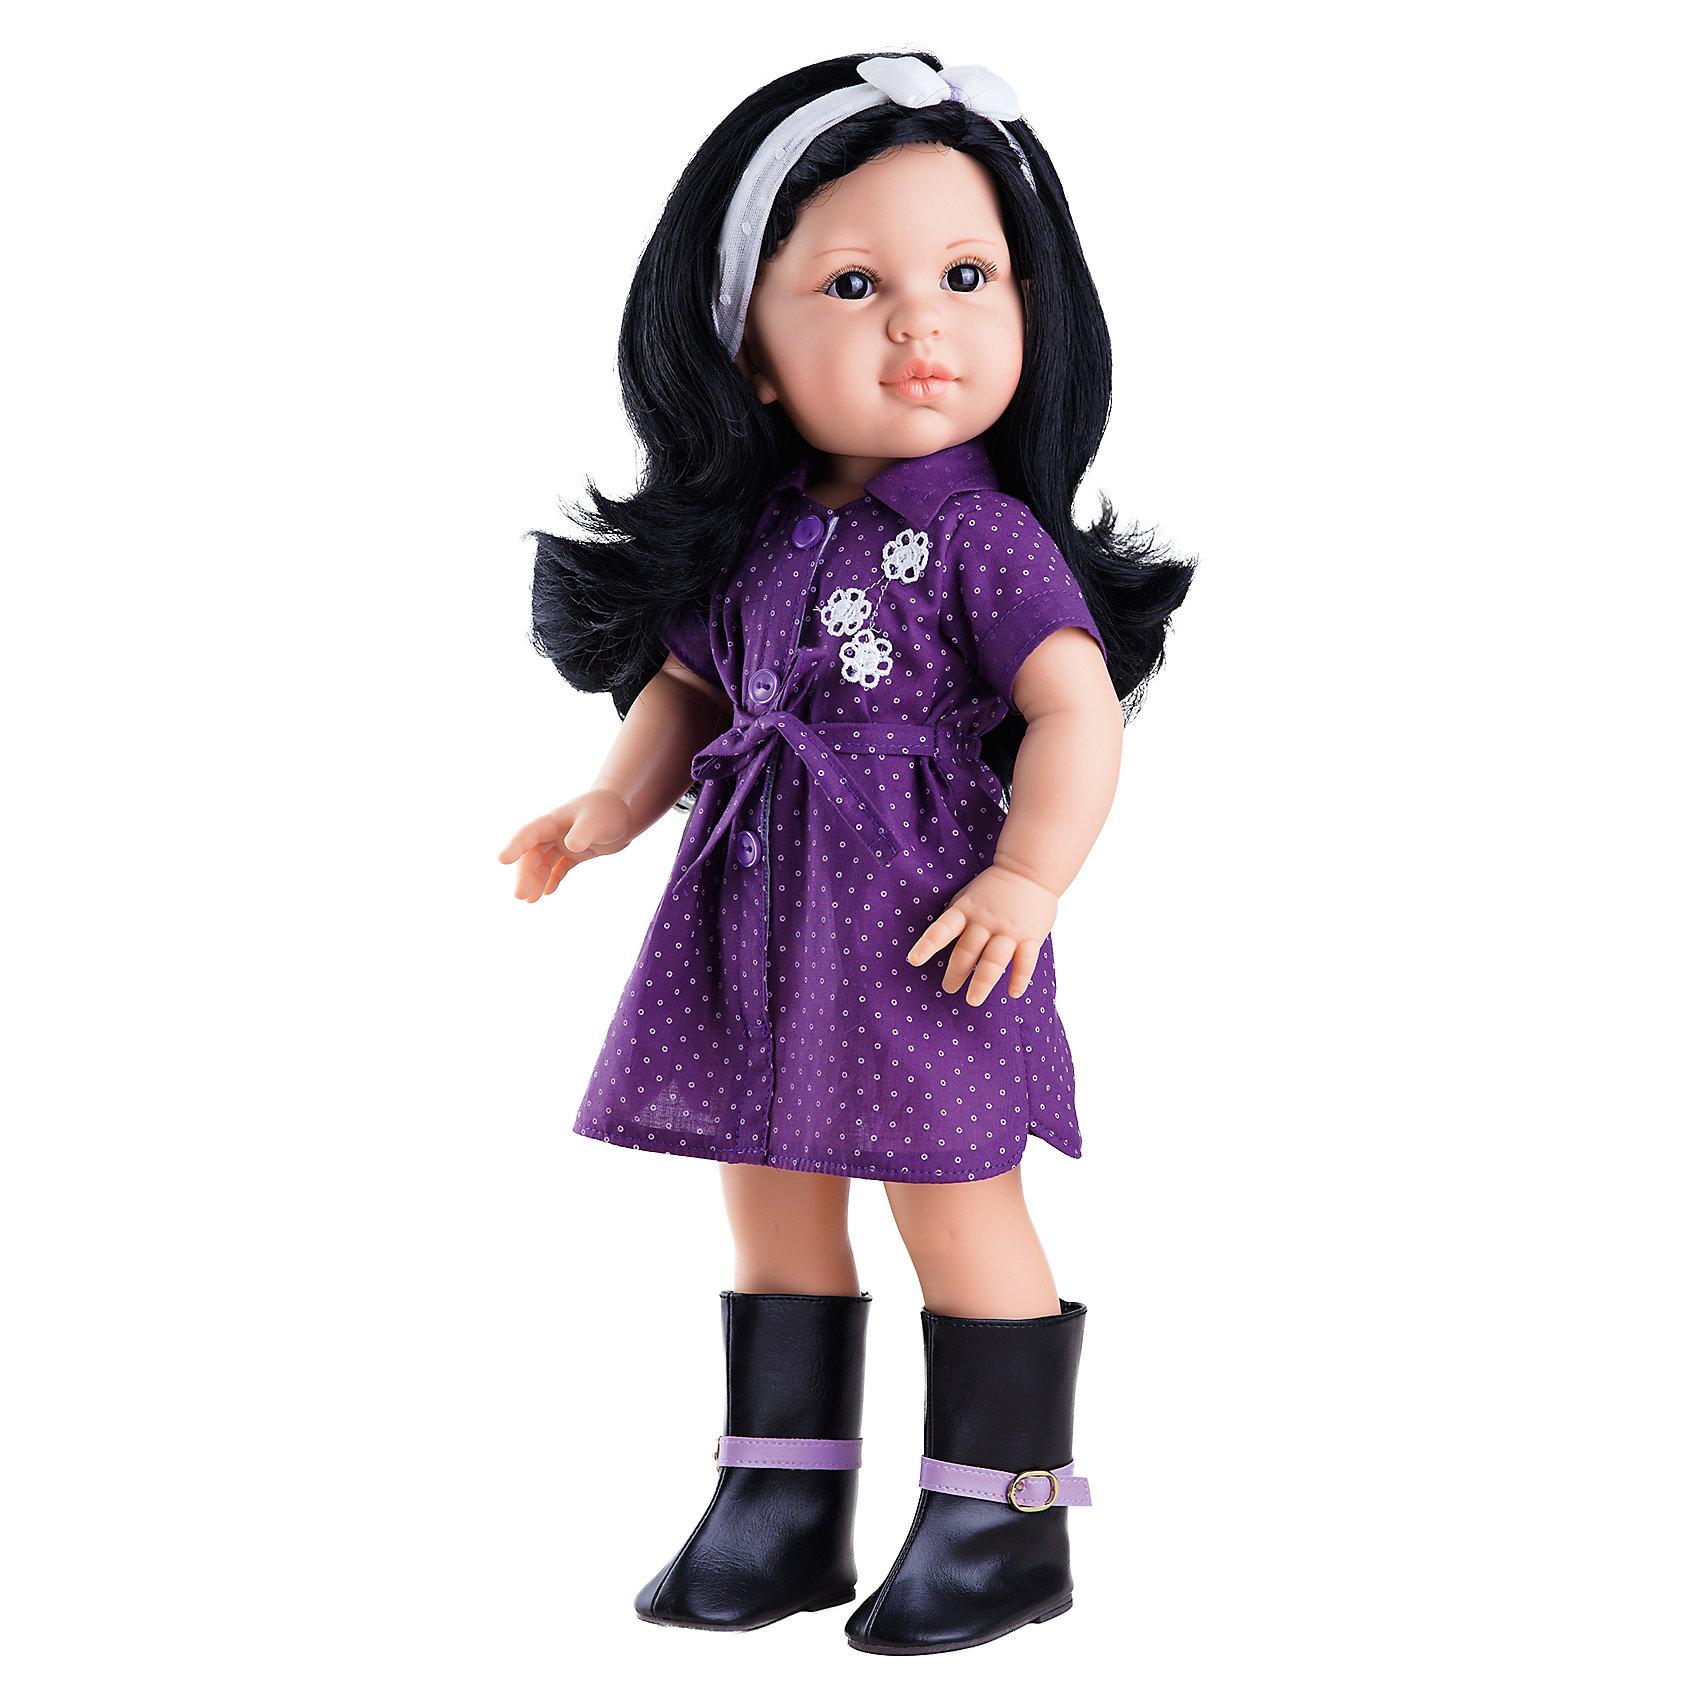 Кукла Лина, 42 см, Paola ReinaКлассические куклы<br>Кукла Лина, 42 см, Paola Reina.<br><br>Характеристики:<br><br>• Для детей в возрасте: от 3 лет<br>• Высота куклы: 42 см.<br>• Глаза закрываются<br>• Материалы: кукла изготовлена из винила; глаза выполнены в виде кристалла из прозрачного твердого пластика; волосы сделаны из высококачественного нейлона; наряд выполнен из качественного текстиля<br><br>Кукла Лина, Paola Reina станет любимой подружкой для вашей девочки. Лина одета в лёгкое фиолетовое платье-рубашку в горошек. На ногах у неё высокие сапоги с сиреневым ремешком. Одежда легко снимается и надевается. Густые длинные темные волосы куклы, выполненные из нейлона высокого качества, украшены повязкой с бантом. Волосы надёжно прошиты, блестят, легко расчесываются, не запутываются. <br><br>Лицо куклы выглядит очень правдоподобно за счет тщательно проработанных черт. Большие глаза, длинные реснички и аккуратные губки – Лина завораживает. Глаза куклы закрываются. <br><br>Кукла имеет пропорциональное телосложение. Голова, руки и ноги подвижны. Тело куклы выполнено из приятного на ощупь высококачественного винила, который имеет лёгкий аромат ванили. <br><br>Материалы, из которых изготовлена кукла, прошли все необходимые проверки на безопасность для детей. Качество подтверждено нормами безопасности EN71 ЕЭС.<br><br>Куклу Лина, 42 см, Paola Reina можно купить в нашем интернет-магазине.<br><br>Ширина мм: 510<br>Глубина мм: 175<br>Высота мм: 105<br>Вес г: 1225<br>Возраст от месяцев: 36<br>Возраст до месяцев: 144<br>Пол: Женский<br>Возраст: Детский<br>SKU: 6671056